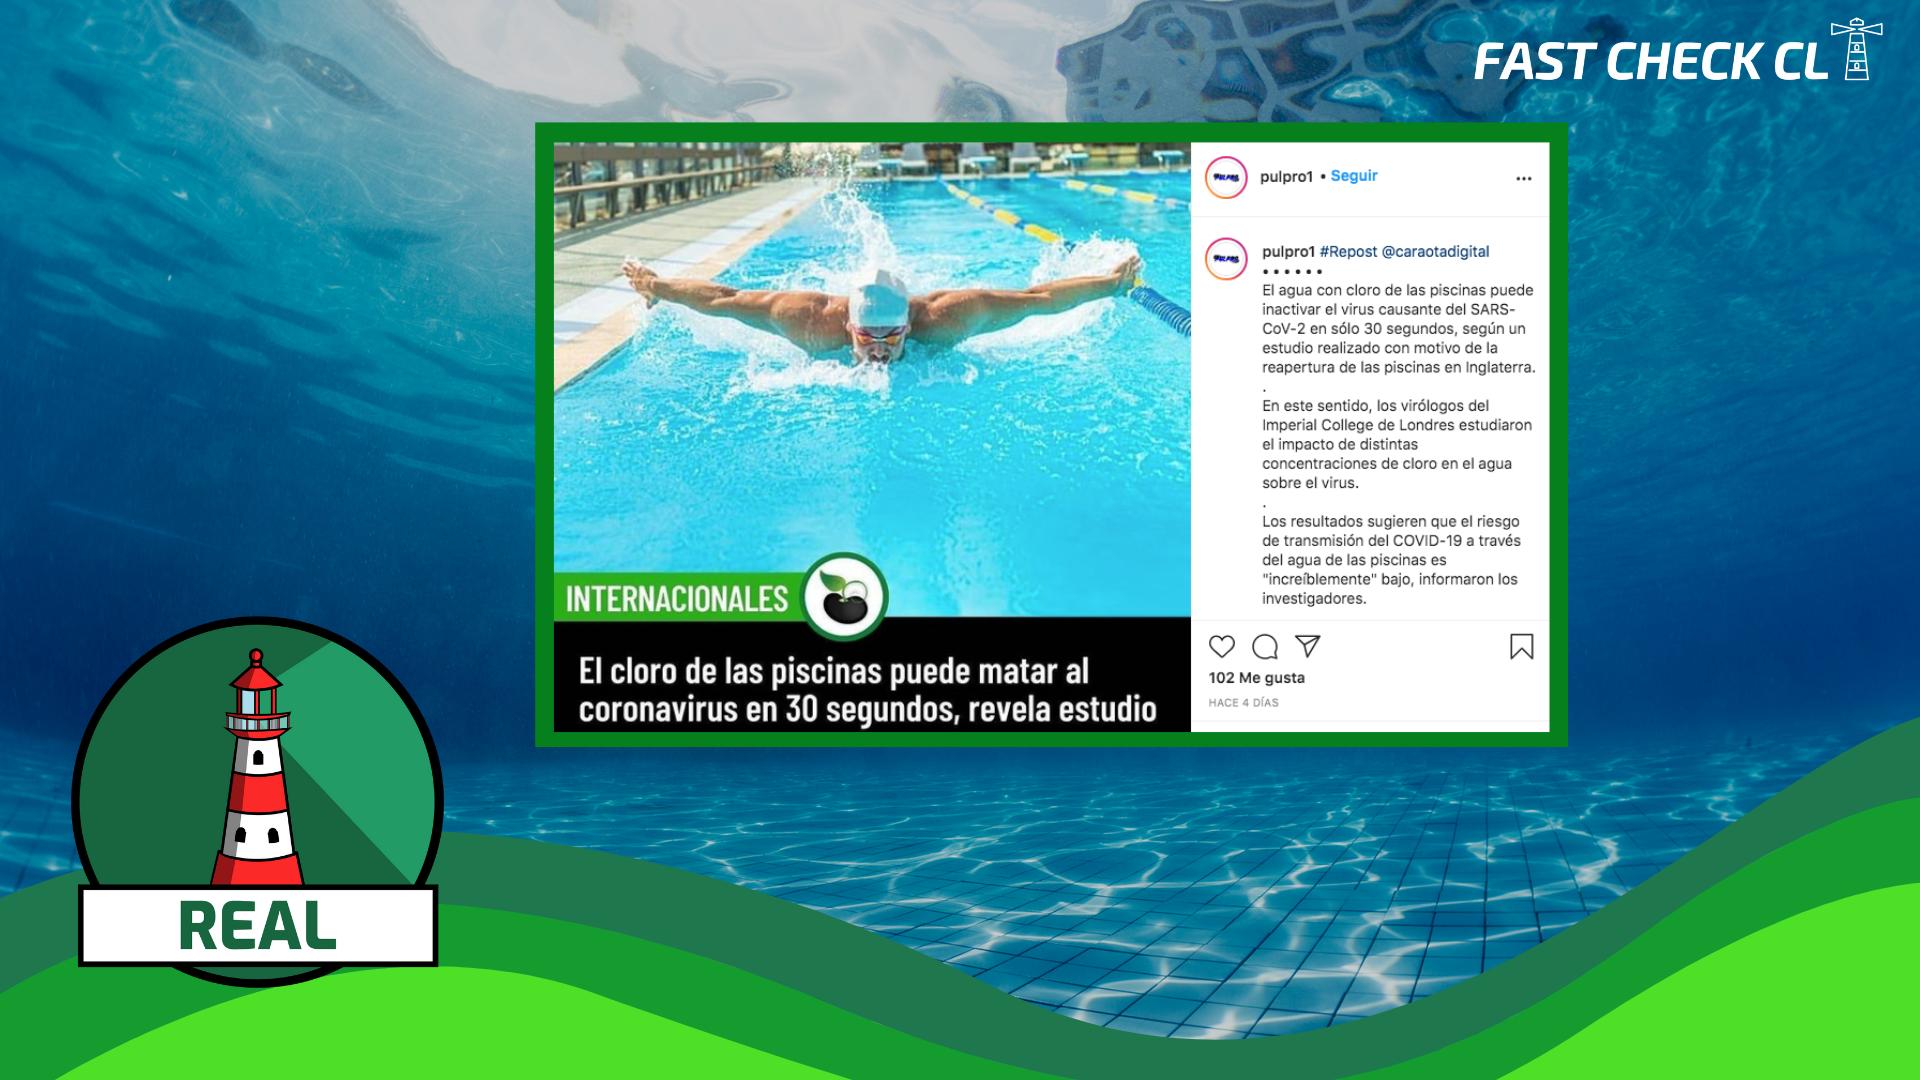 """(Estudio) """"El cloro de las piscinas puede matar el coronavirus en 30 segundos, según estudio"""": #Real"""